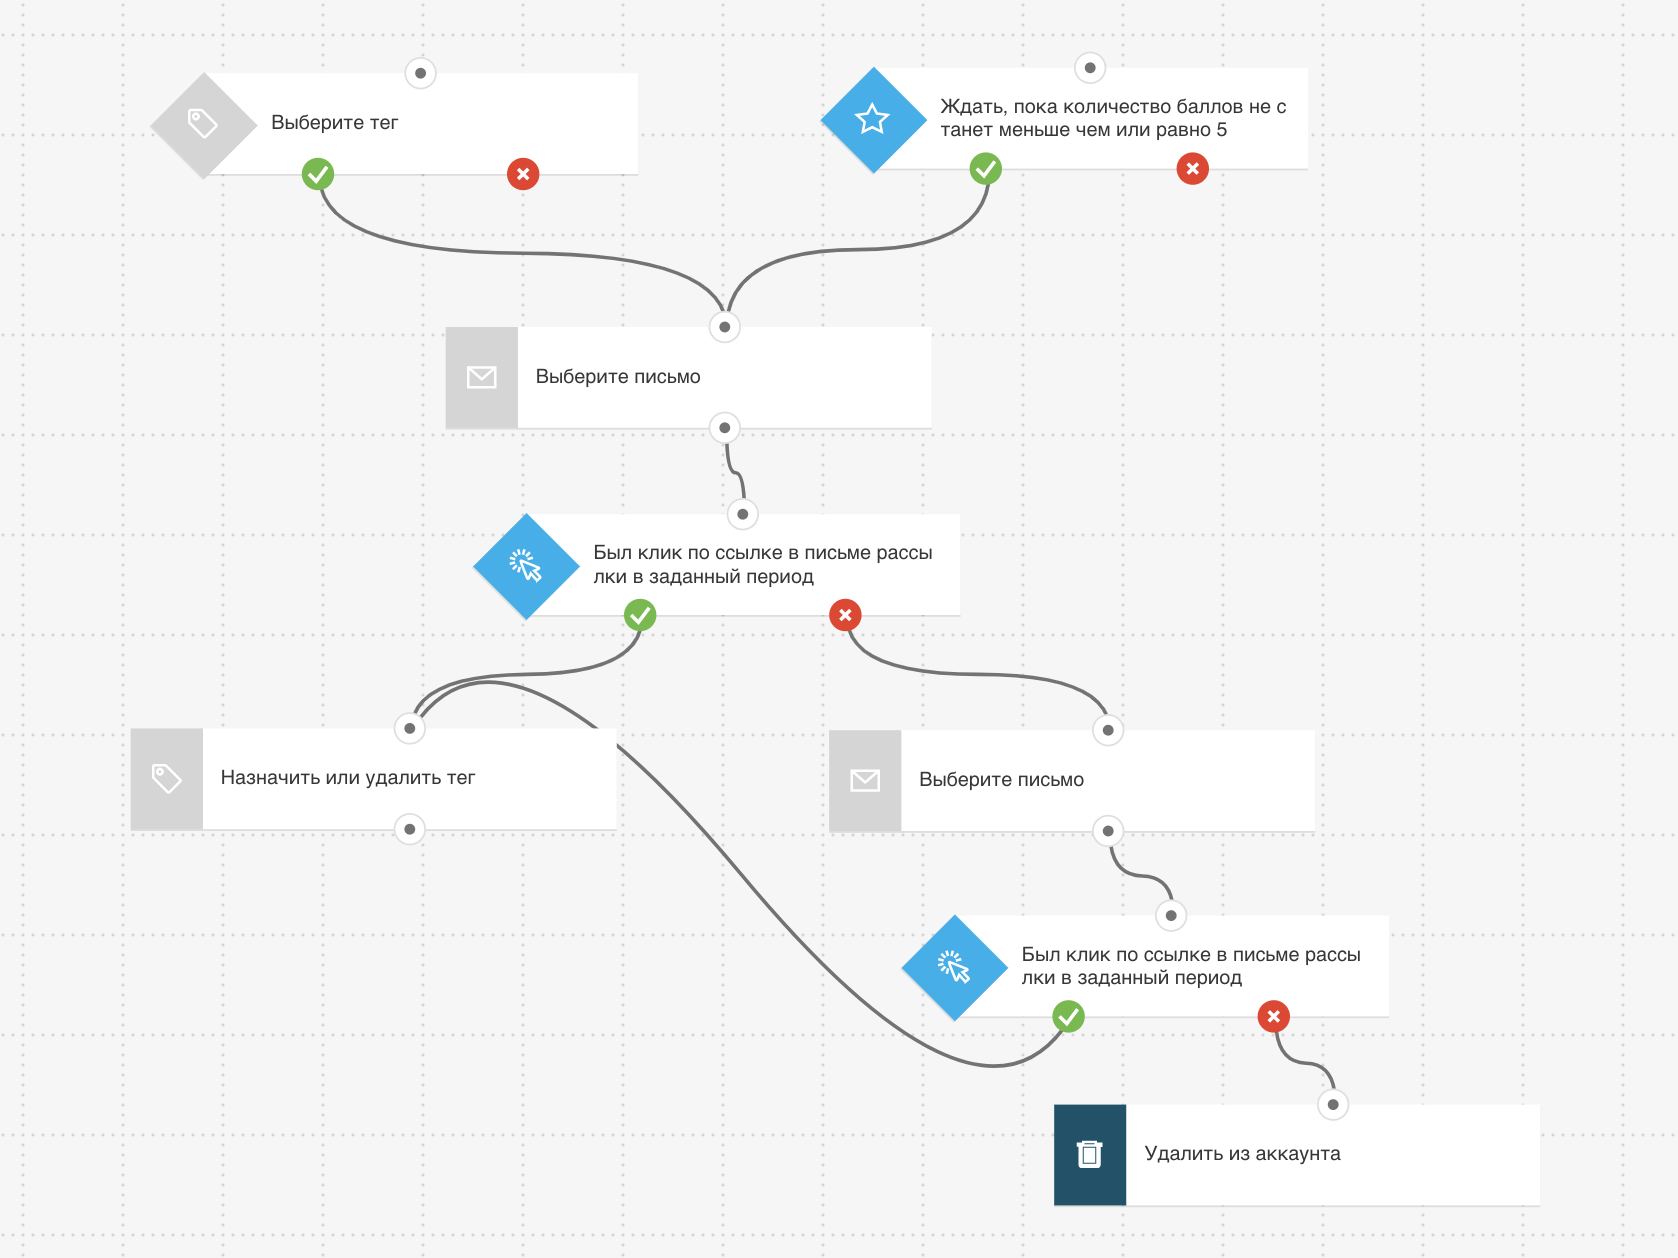 сценарий автоматизации маркетинга от GetResponse для вовлечения клиентов и увеличения конверсии сайта